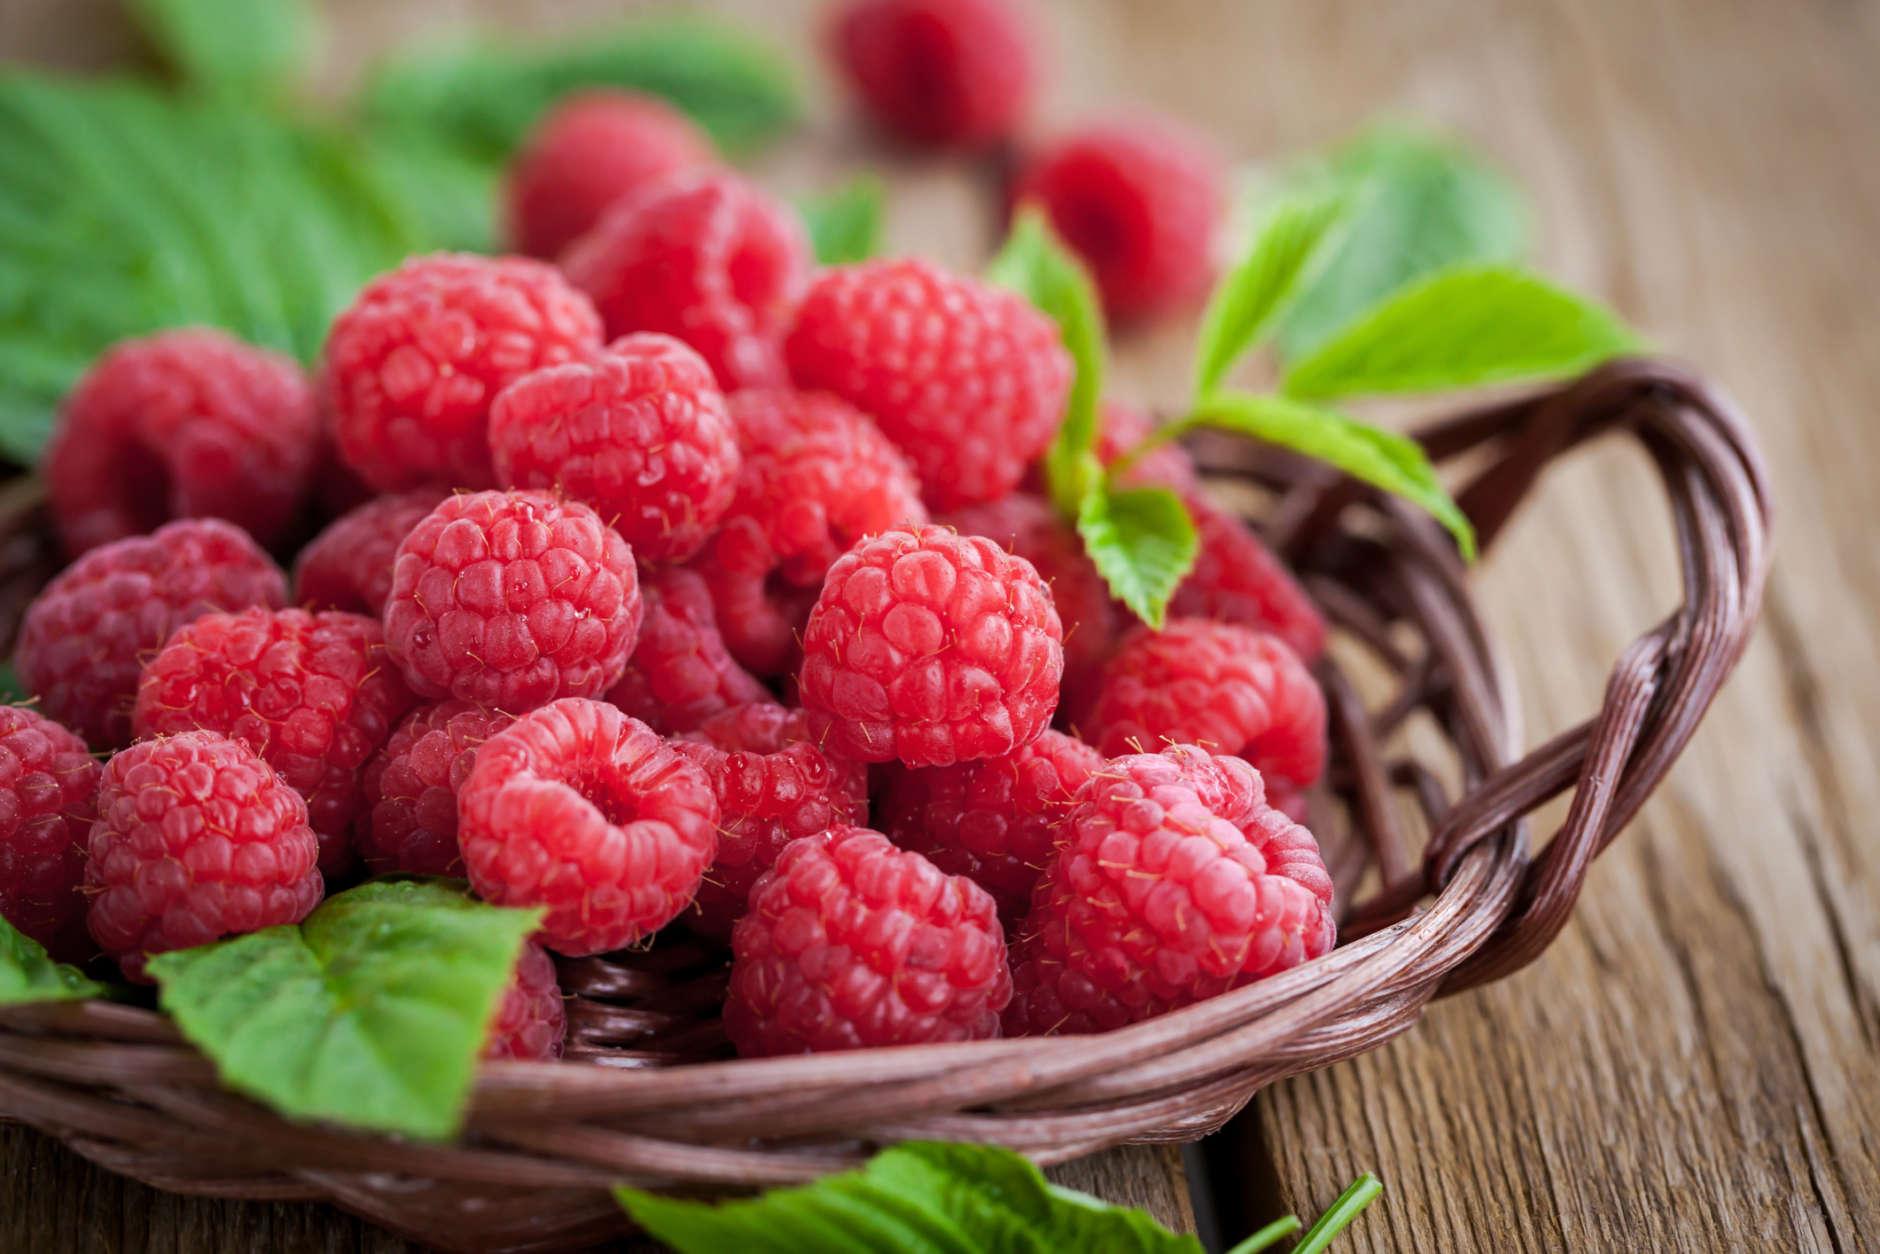 Healthy breakfast - Raspberries | LuckyFit